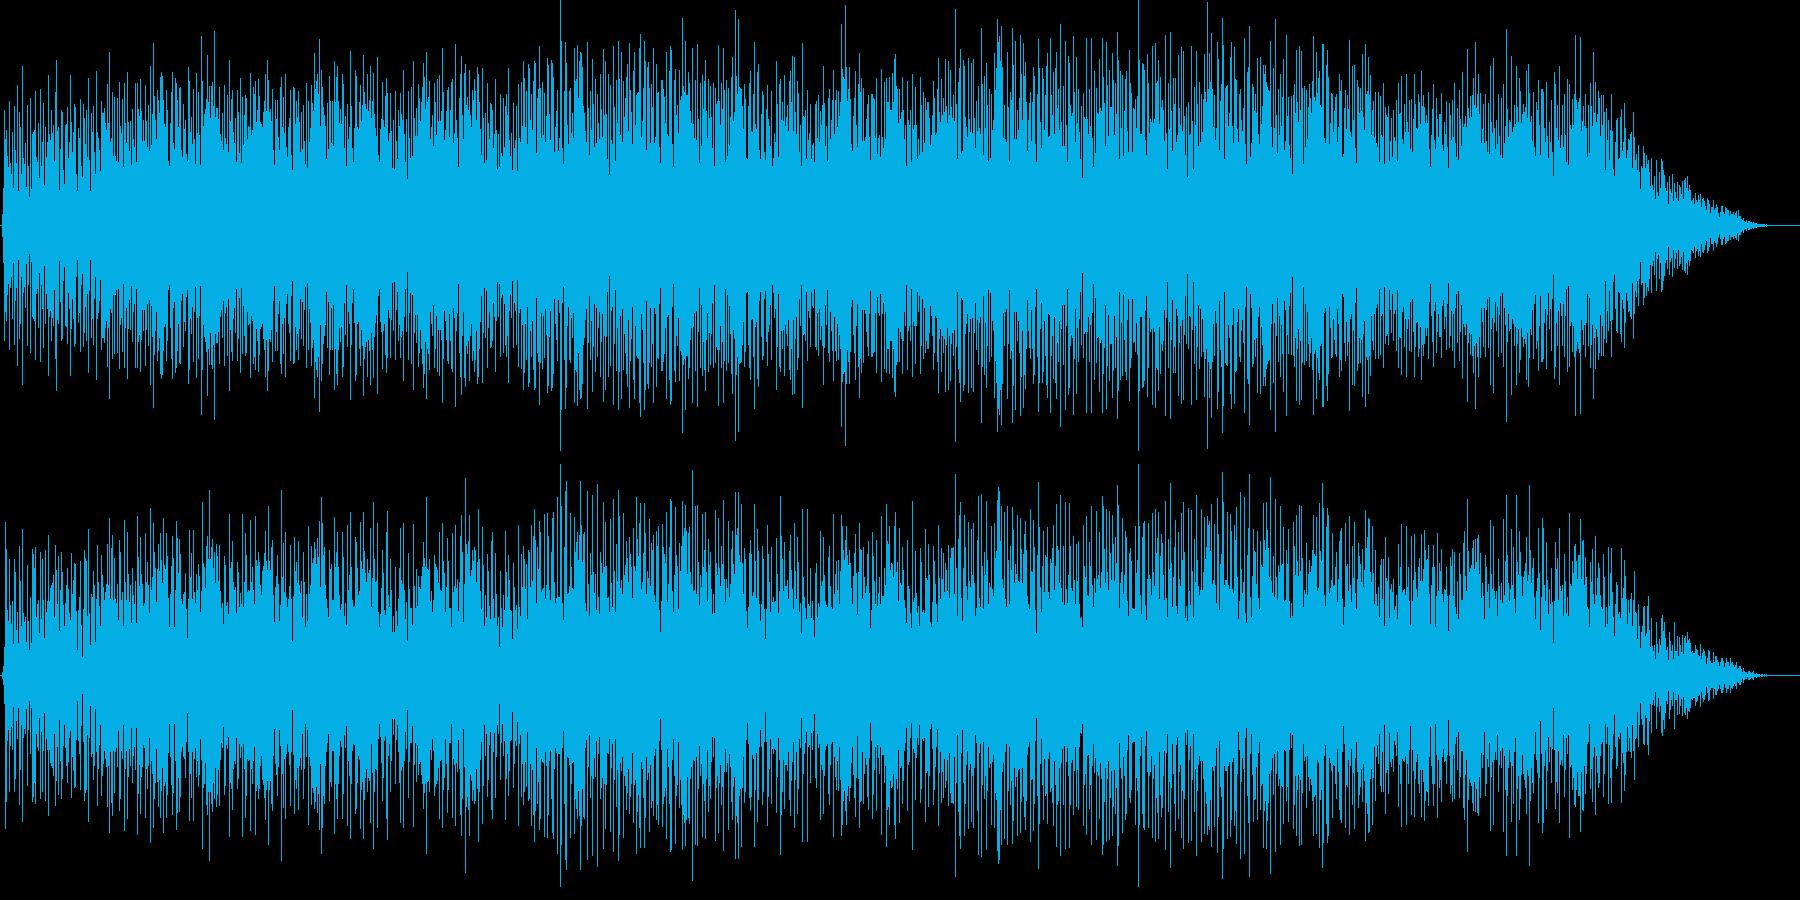 楽しい曲です。の再生済みの波形